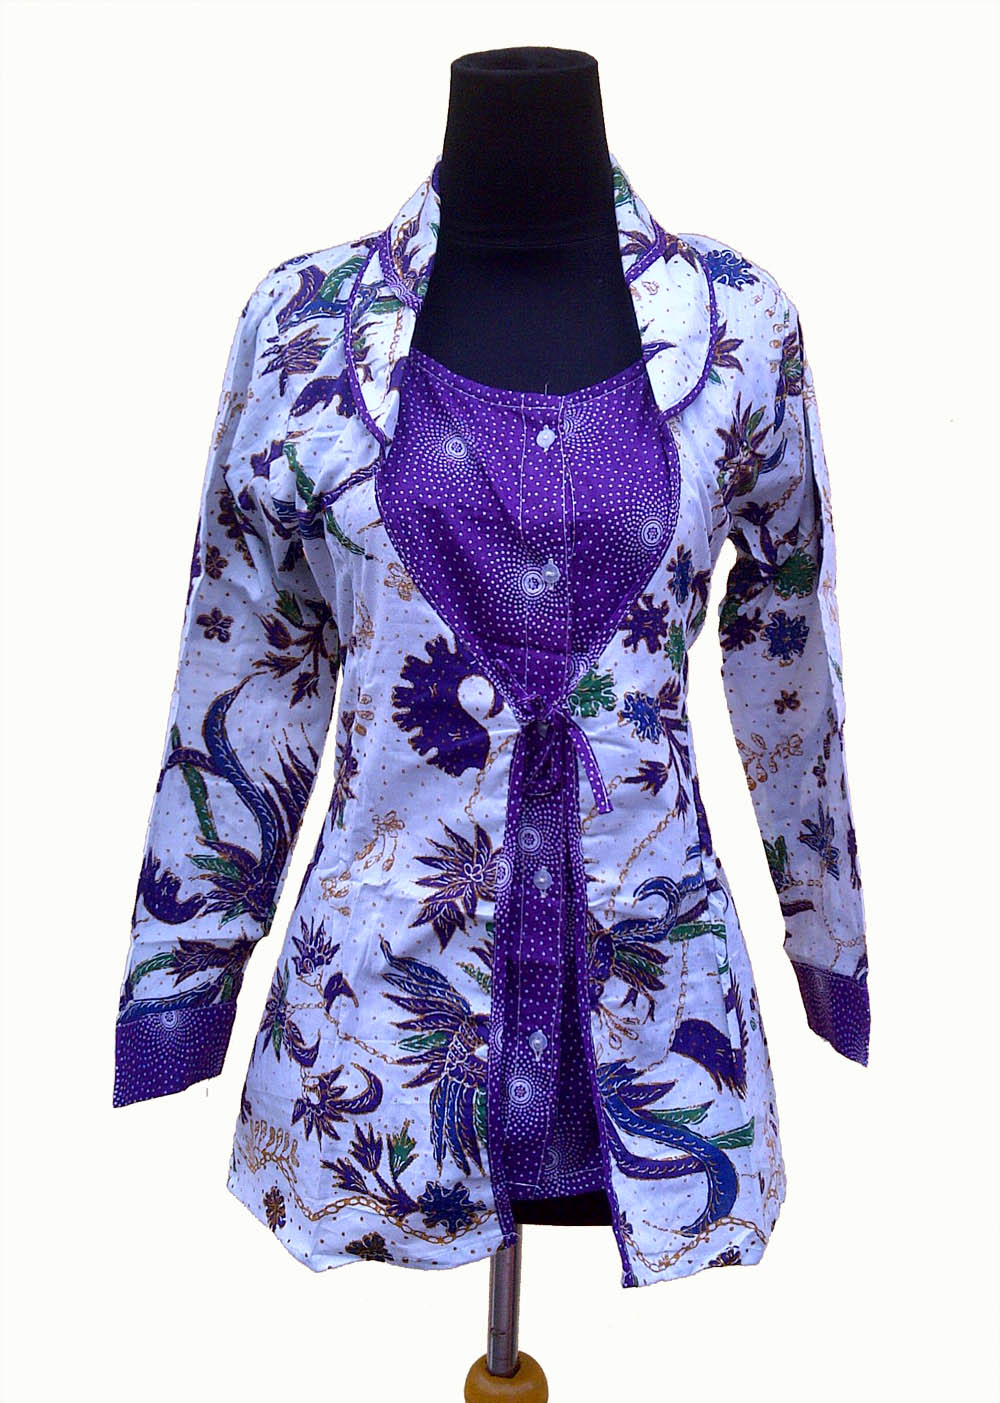 Model baju batik modern tahun ini - Baju Kerja Batik Blus Modern